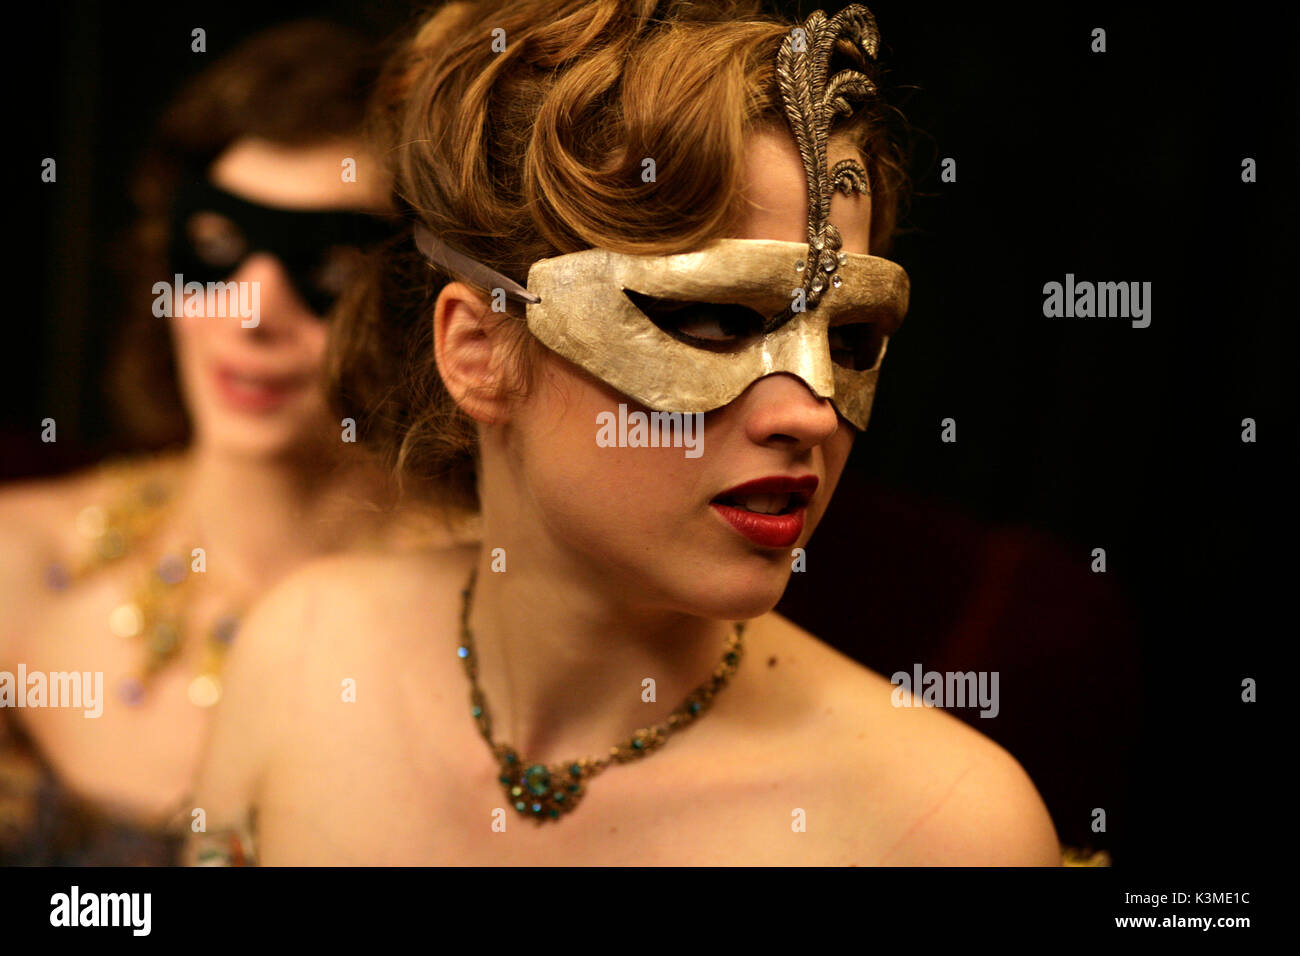 Prostitutes 19th century stock photos prostitutes 19th for Apollonide souvenir de la maison close